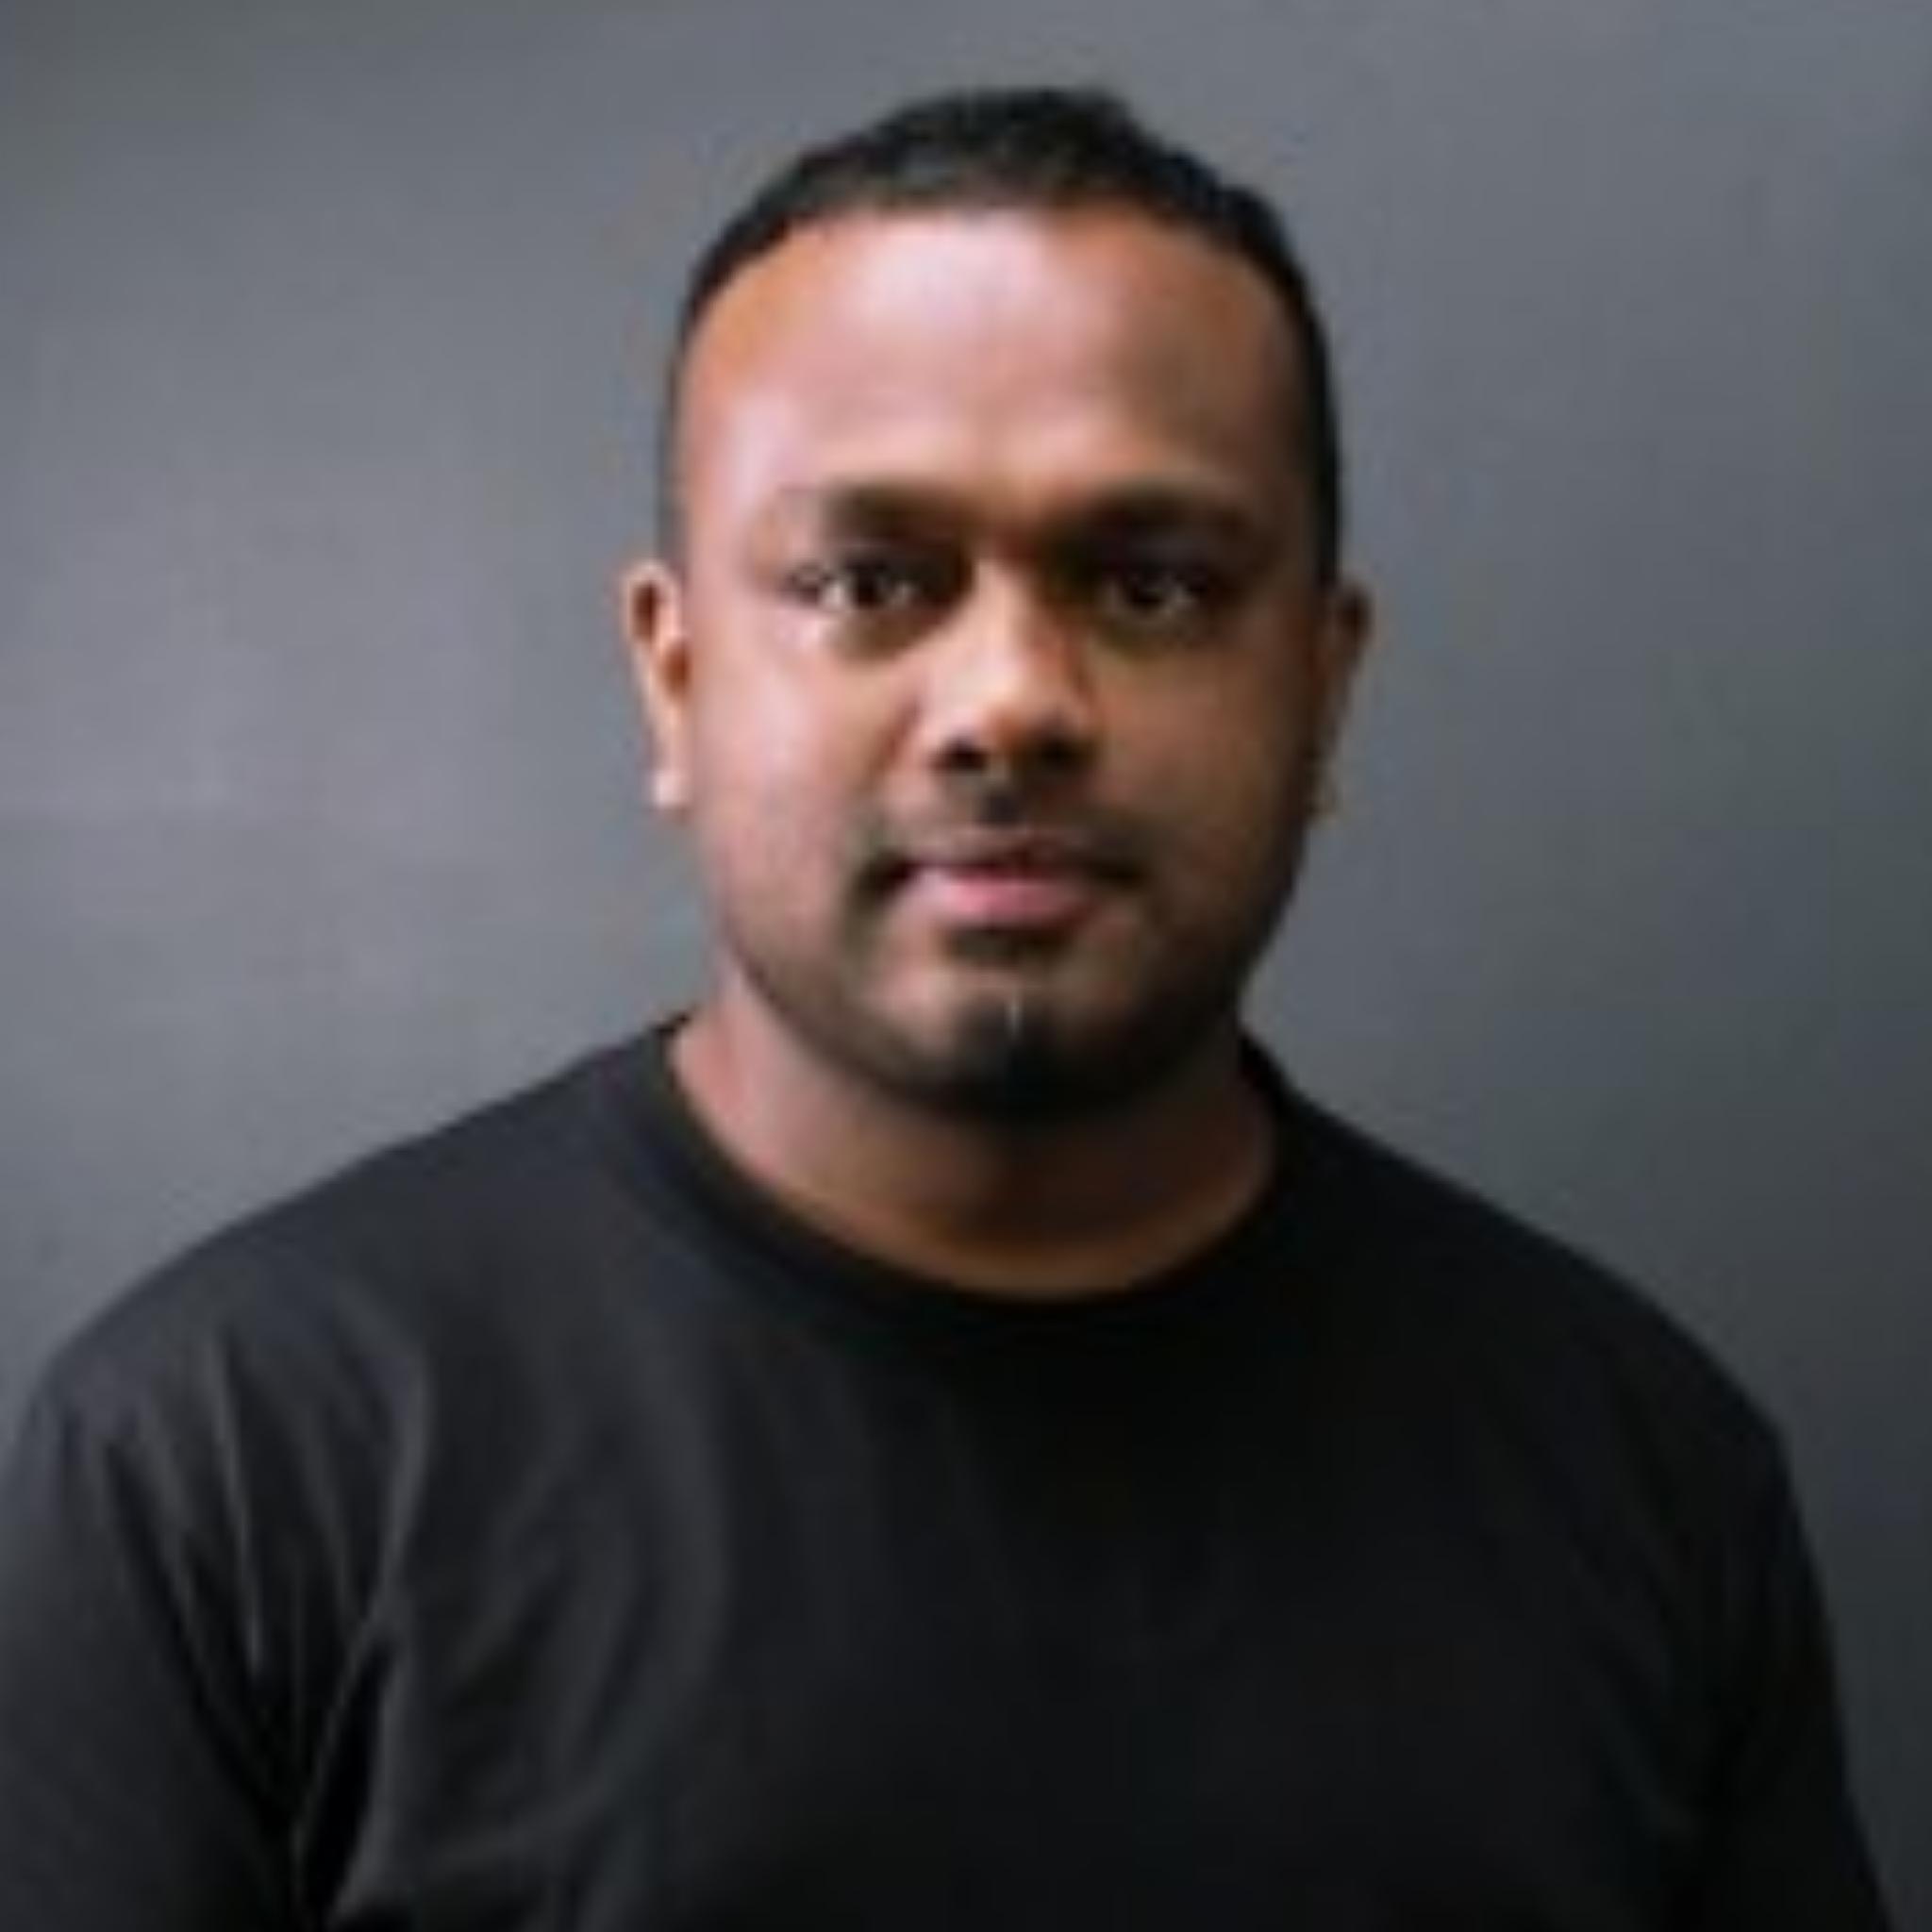 https://www.indiantelevision.com/sites/default/files/styles/smartcrop_800x800/public/images/tv-images/2021/06/07/photogrid_plus_1623049544455.jpg?itok=p1CIIVP3